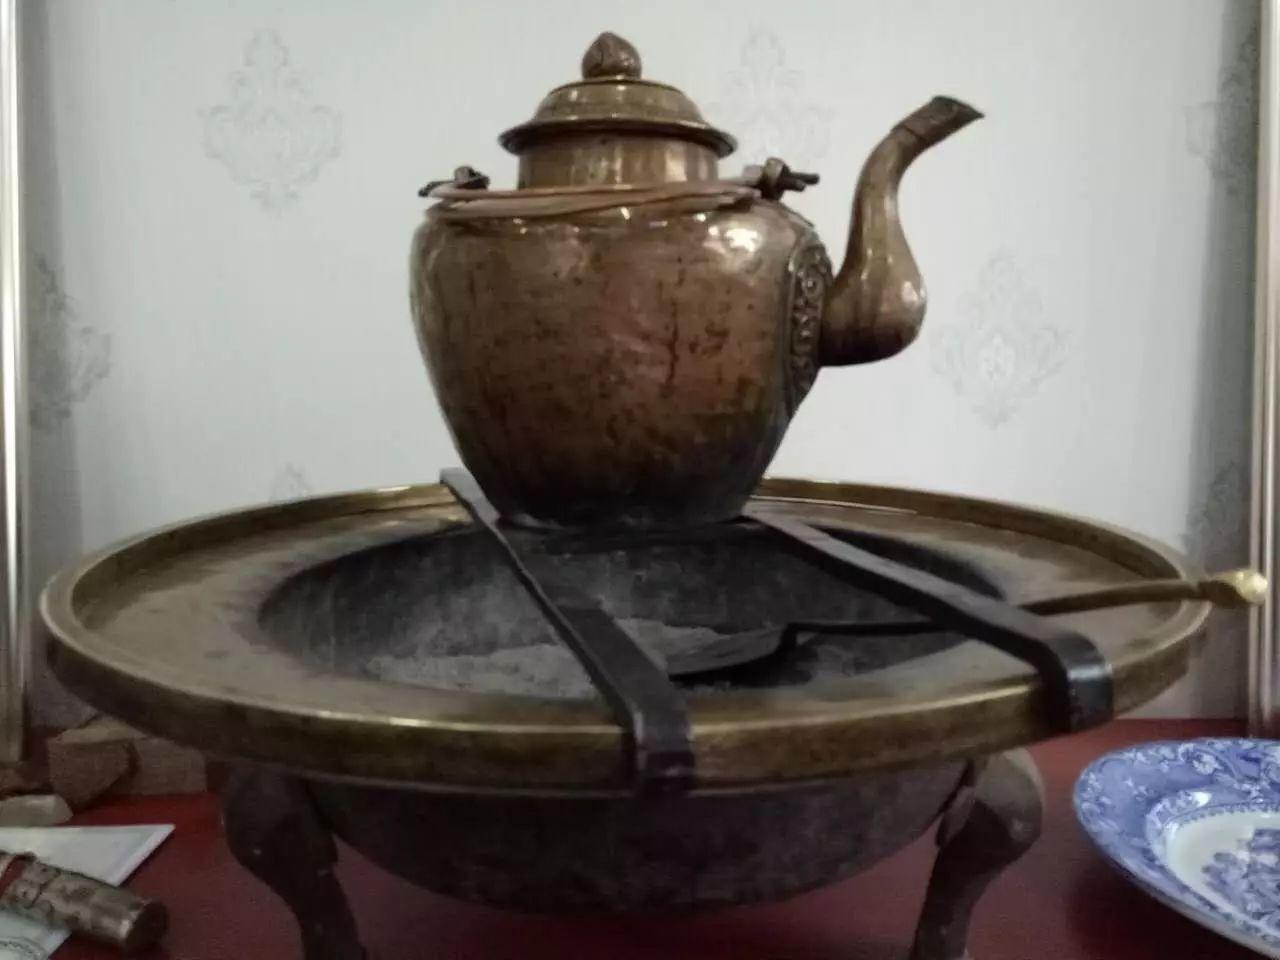 蒙古族青年宝尔金创办民俗文化展厅,看看都收藏了哪些物件? 第11张 蒙古族青年宝尔金创办民俗文化展厅,看看都收藏了哪些物件? 蒙古工艺